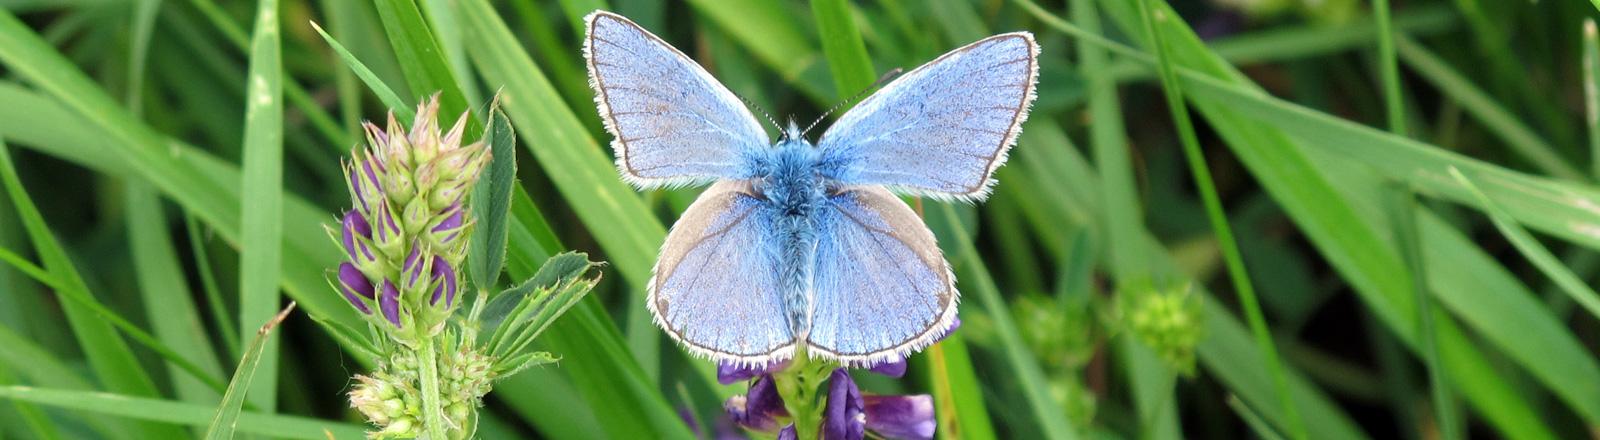 Ein blauer Schmetterling sitzt auf einer Wiese; Bild: dpa